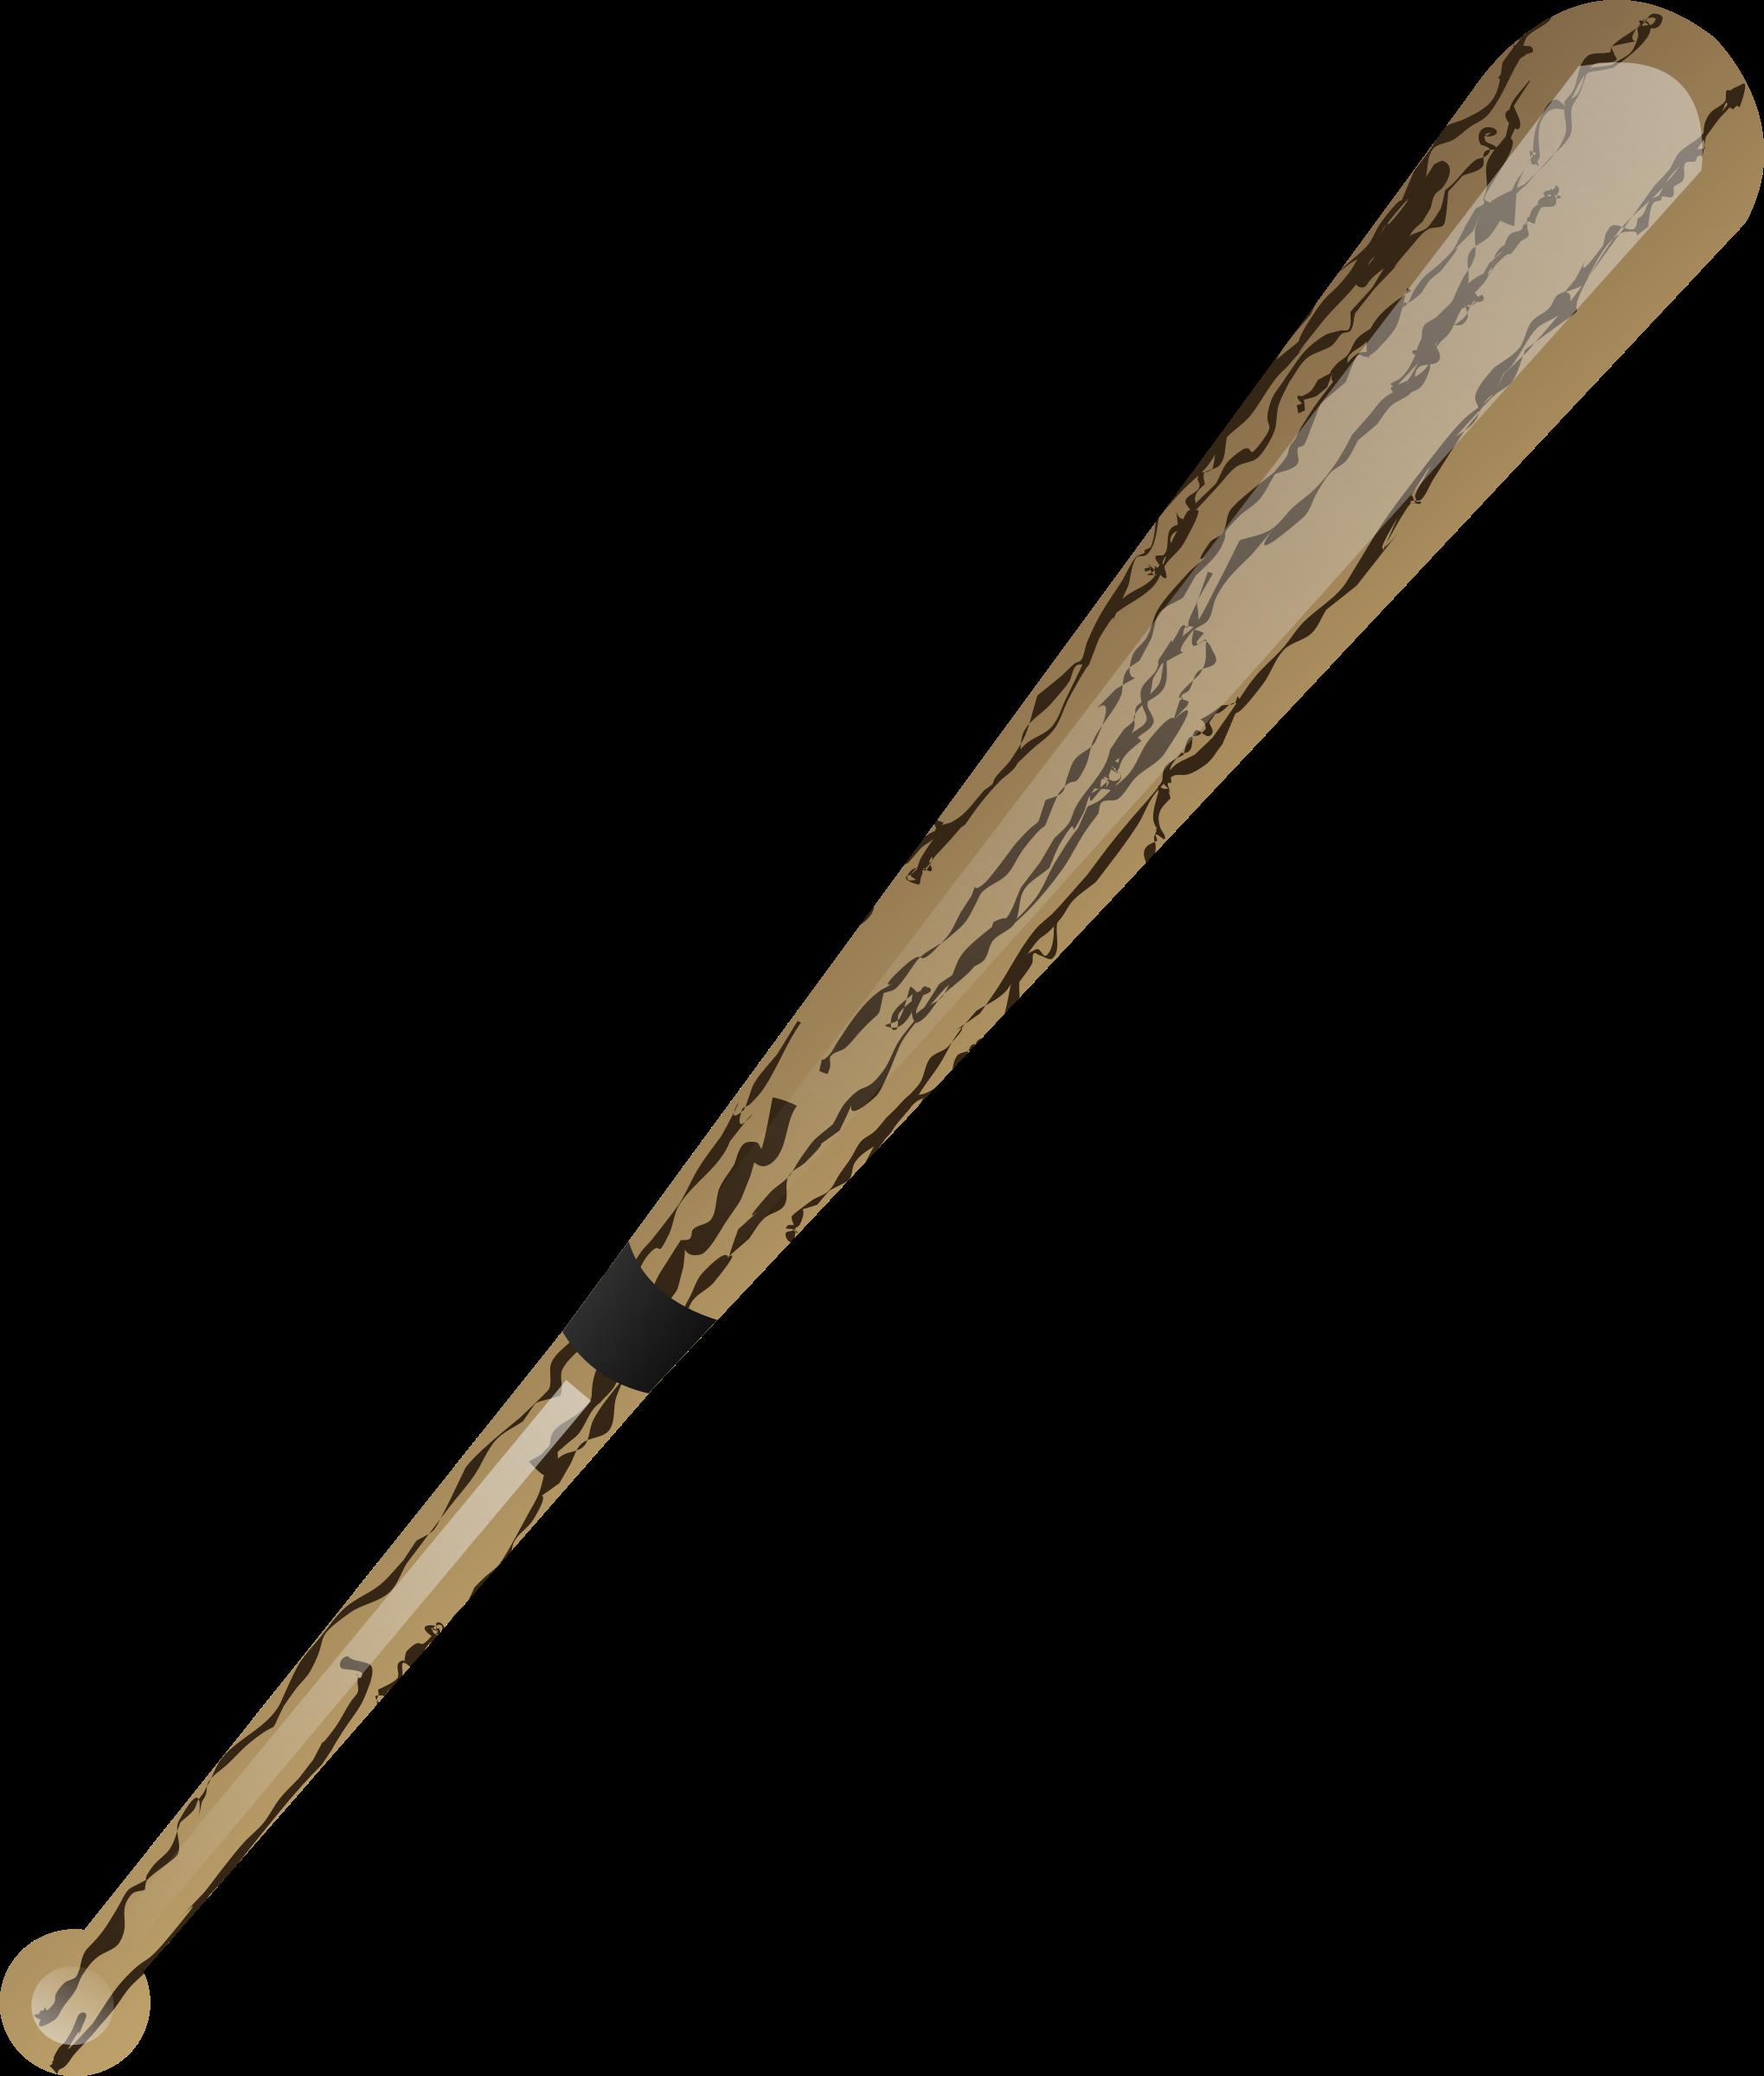 Bat baseball clipart wood clip royalty free stock Clipart - Baseball bat clip royalty free stock